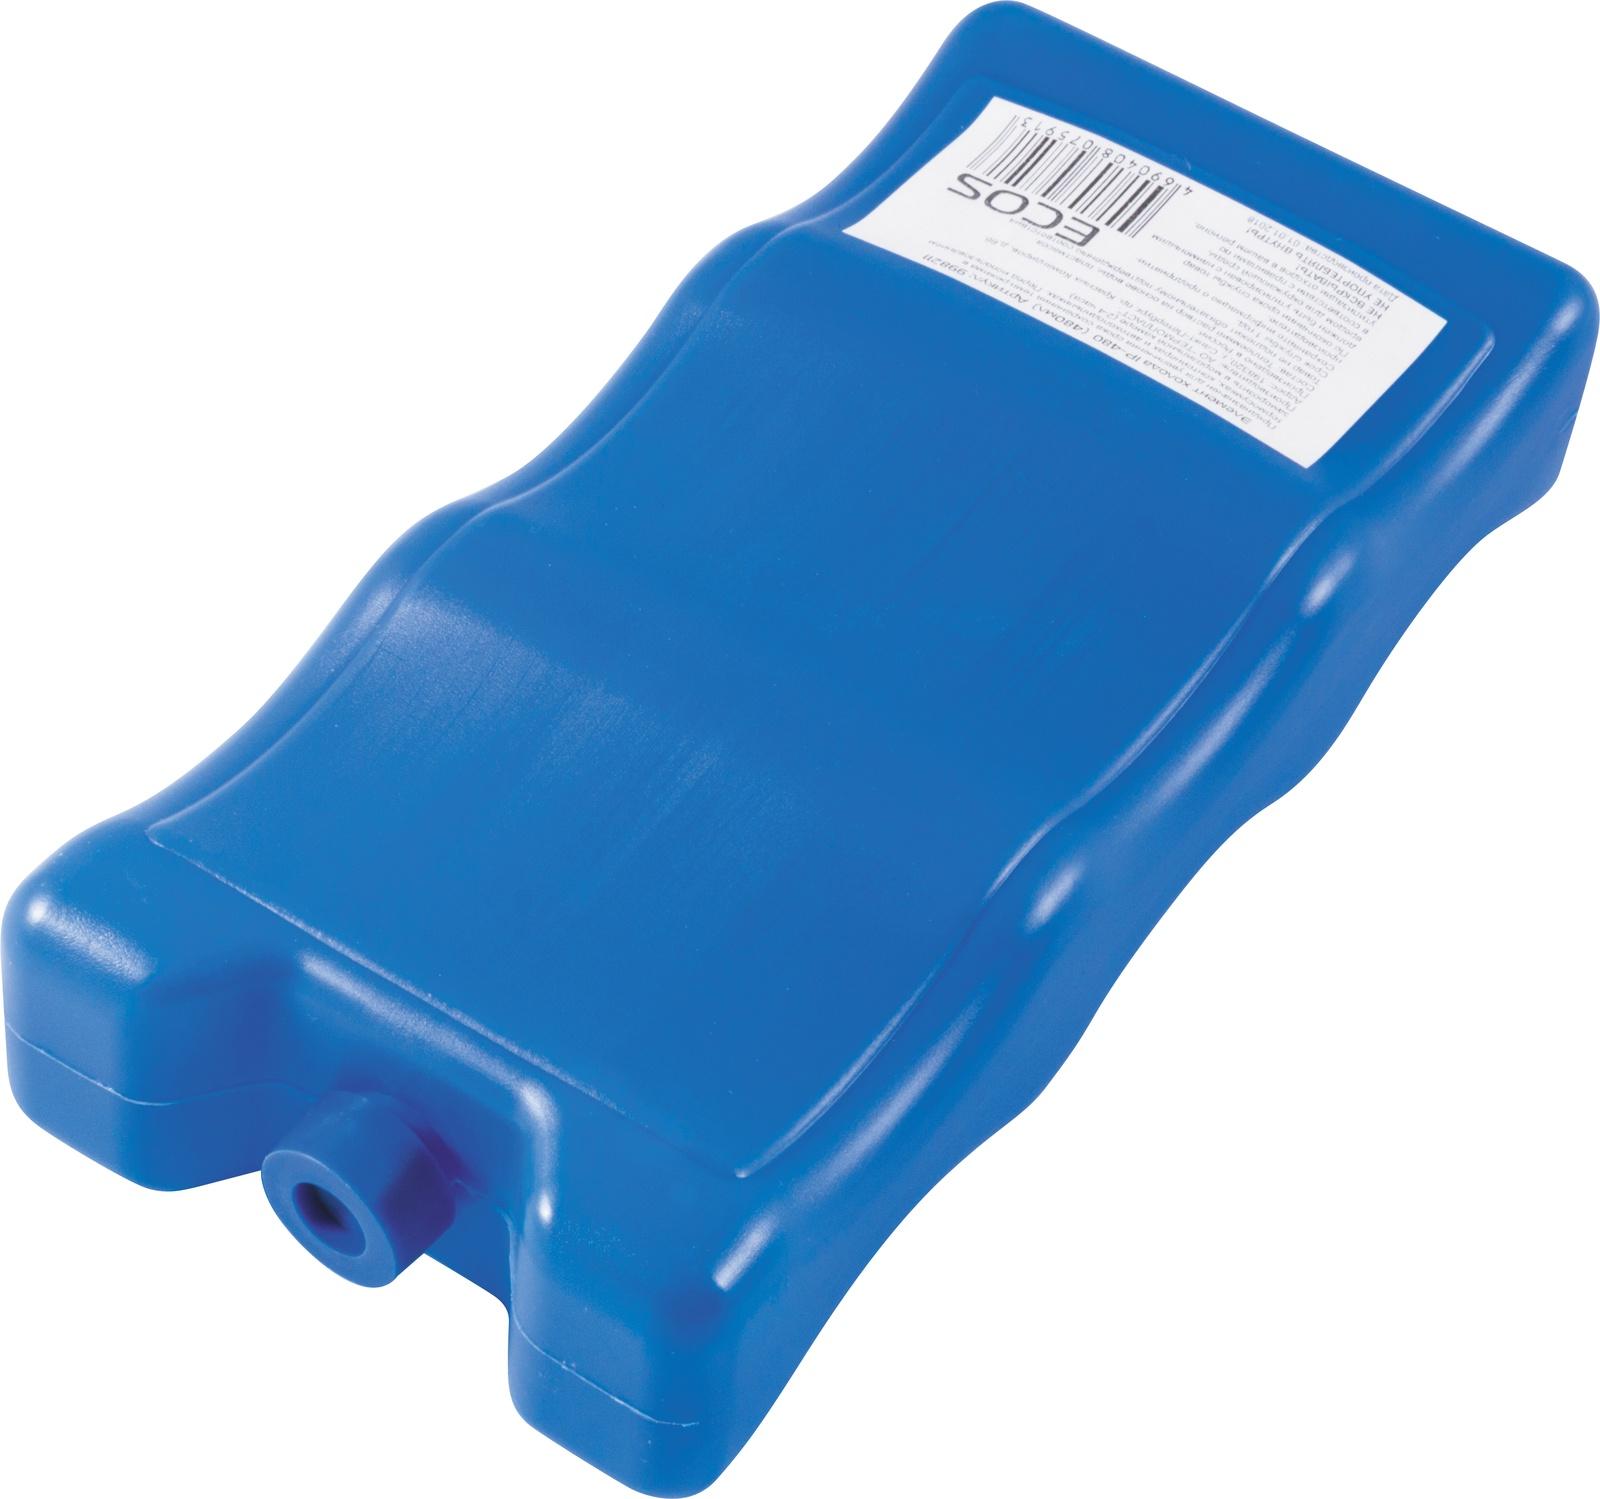 Аккумулятор холода Ecos IP-480